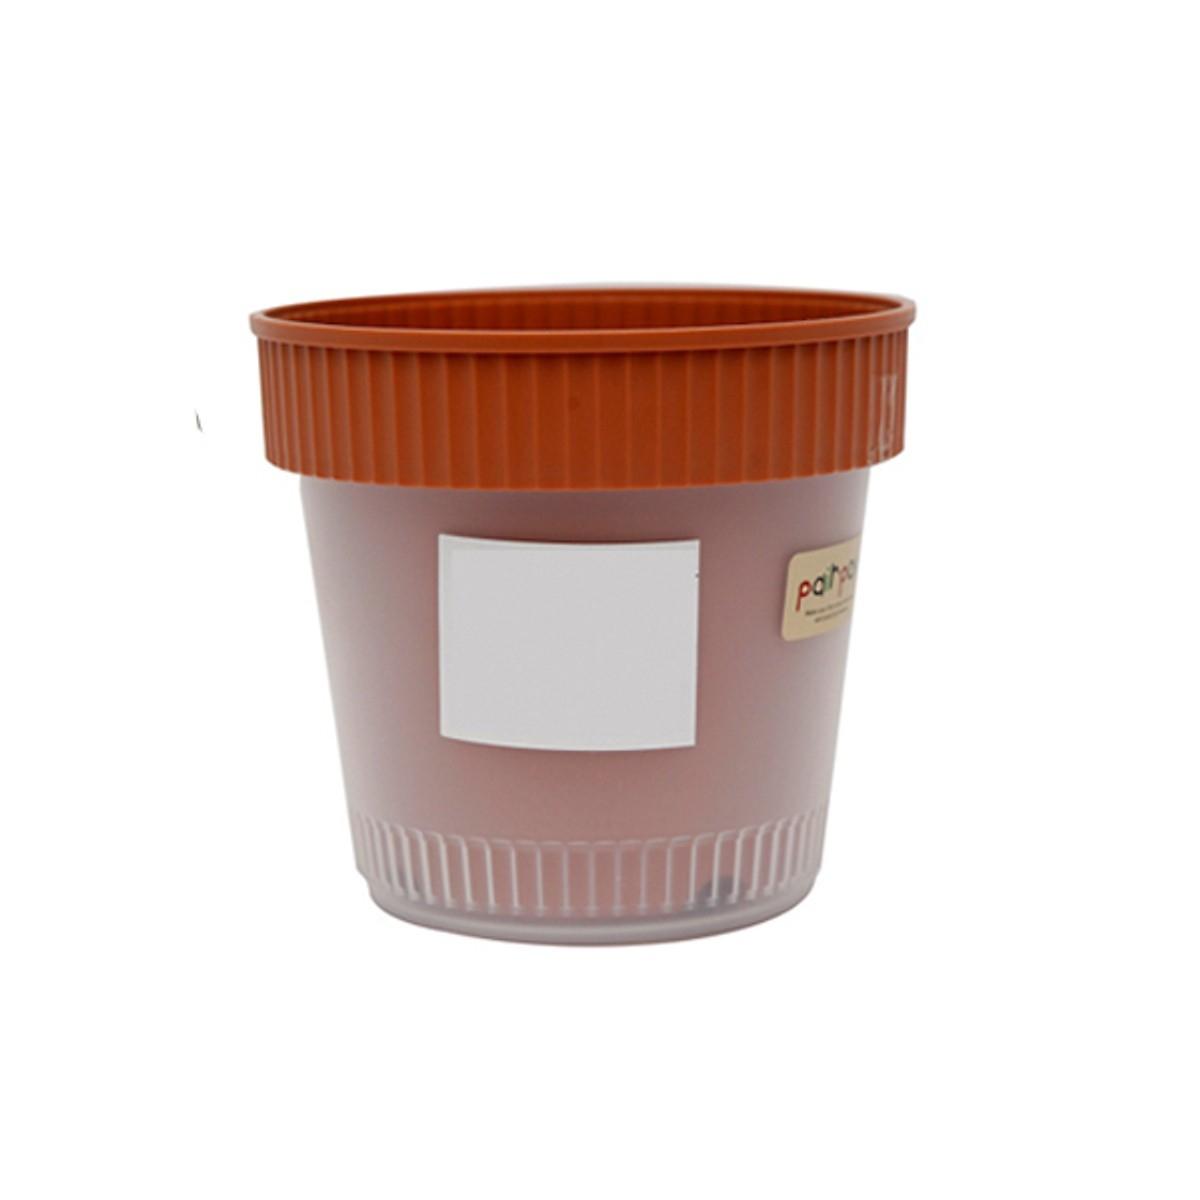 Combo Chậu trồng cây 2 lớp + Xẻng làm vườn cầm tay cán gỗ - Nội địa Nhật Bản - Giao màu ngẫu nhiên